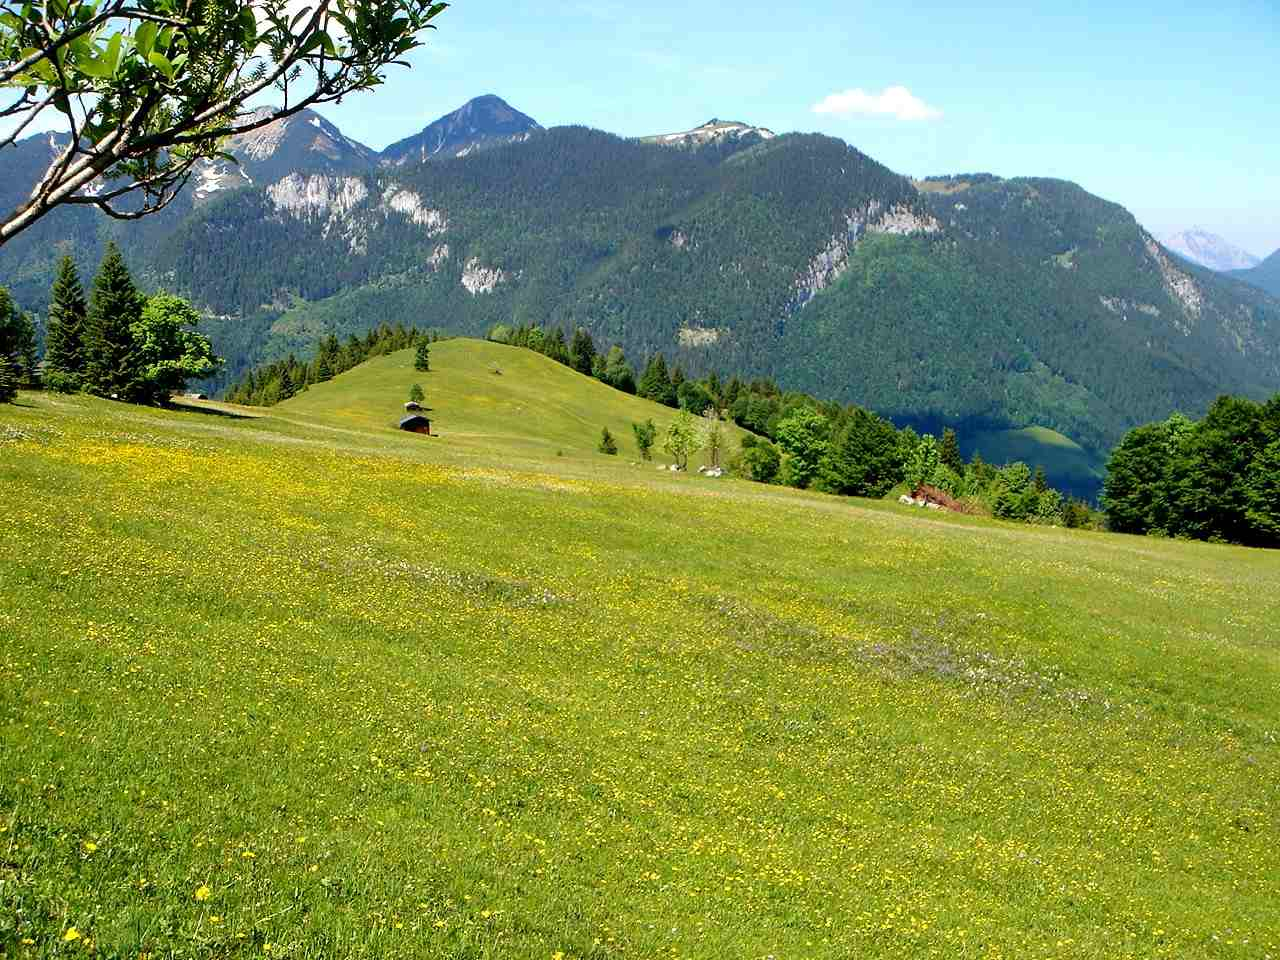 Foto: Manfred Karl / Wander Tour / Dietrichshorn (1542m) / Rückblick über die Hoisenhöhe zum Sonntagshorn und Peitingköpfl. / 26.04.2007 20:30:20